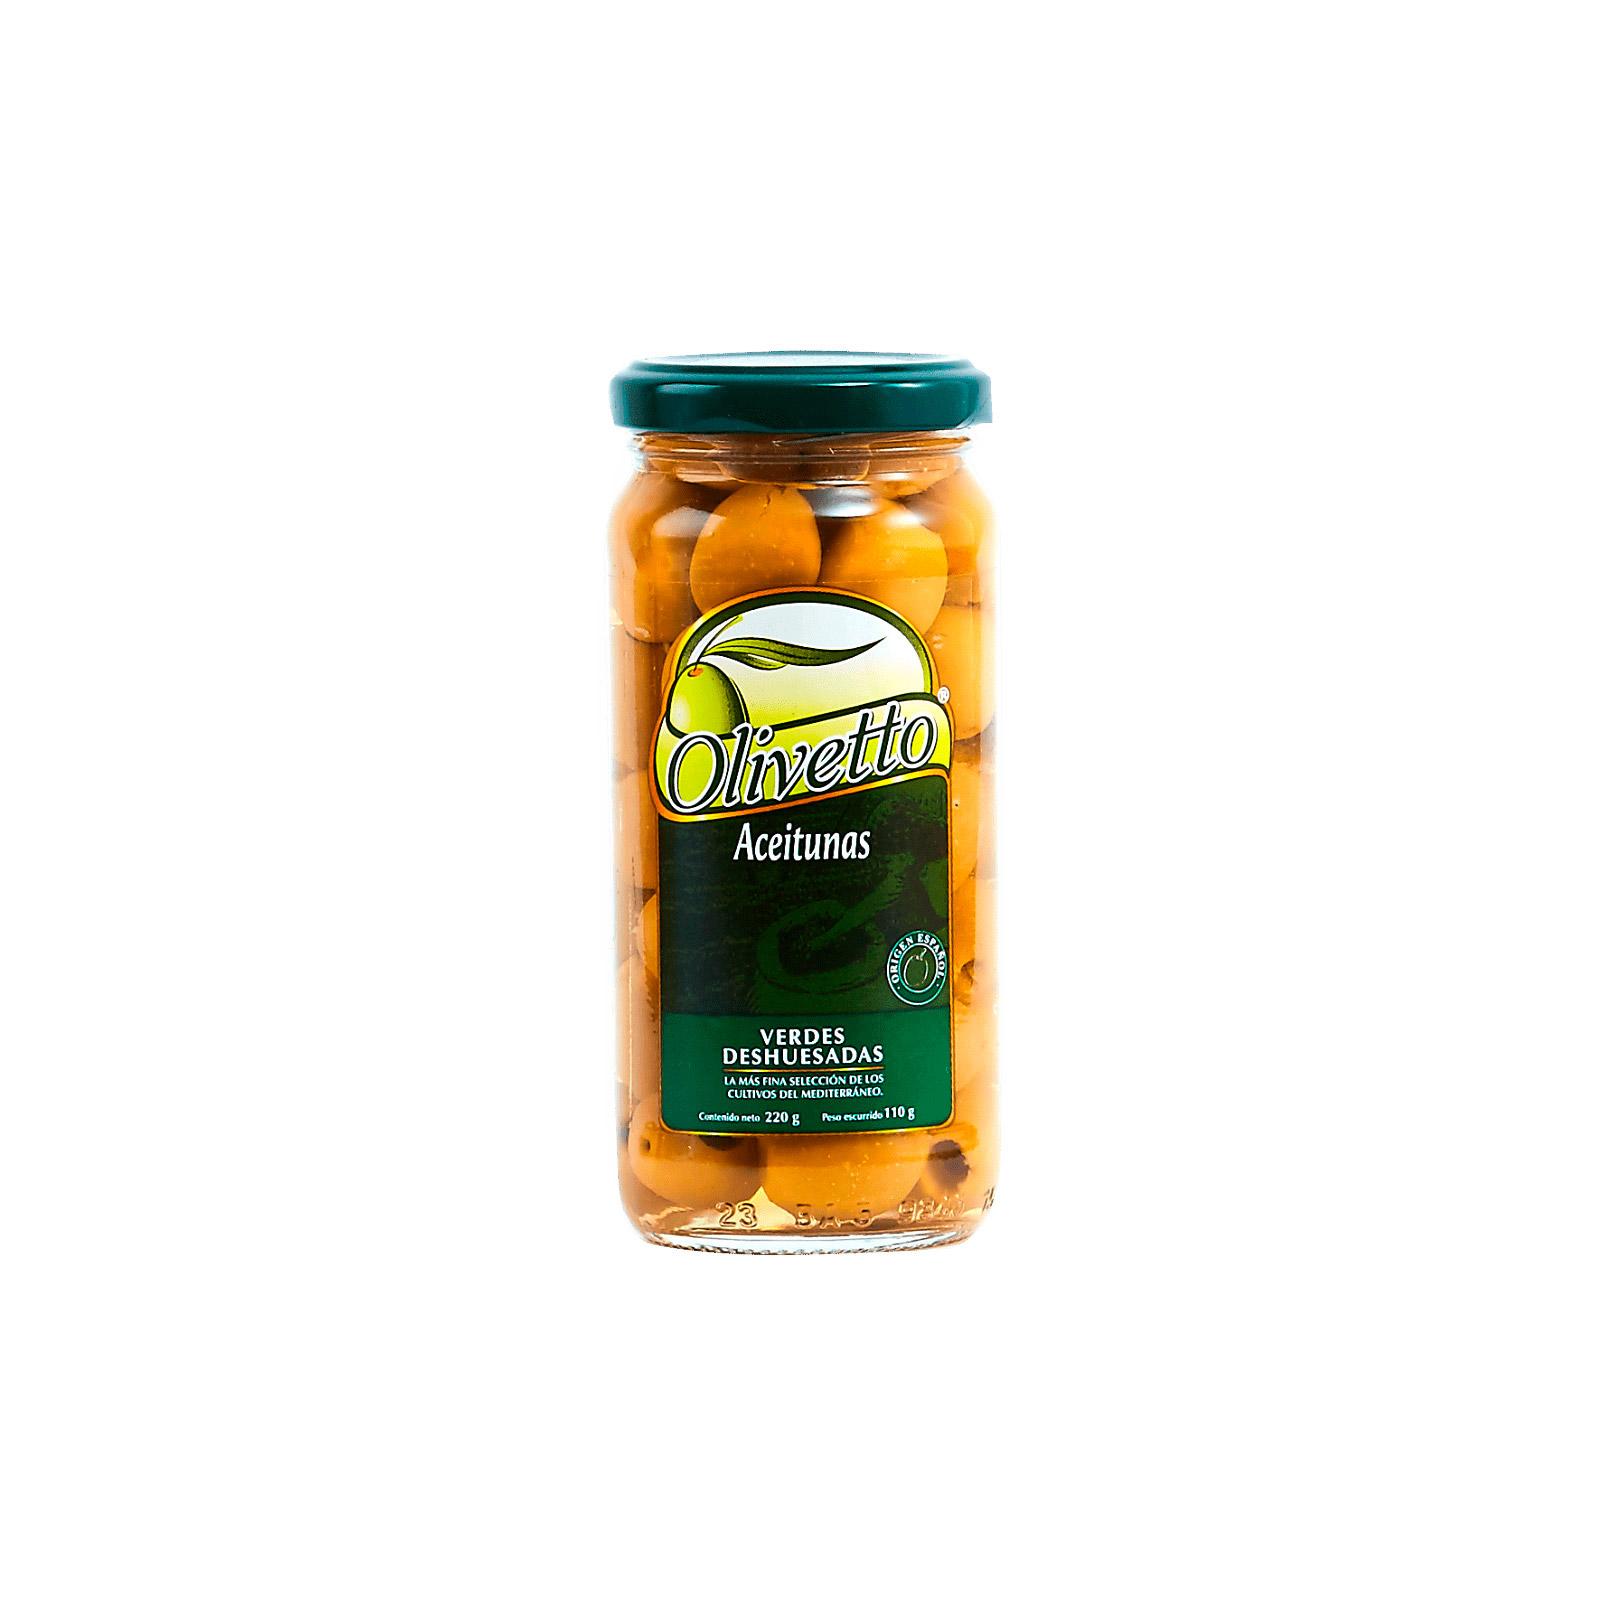 Aceitunas Verdes Deshuesadas Olivetto